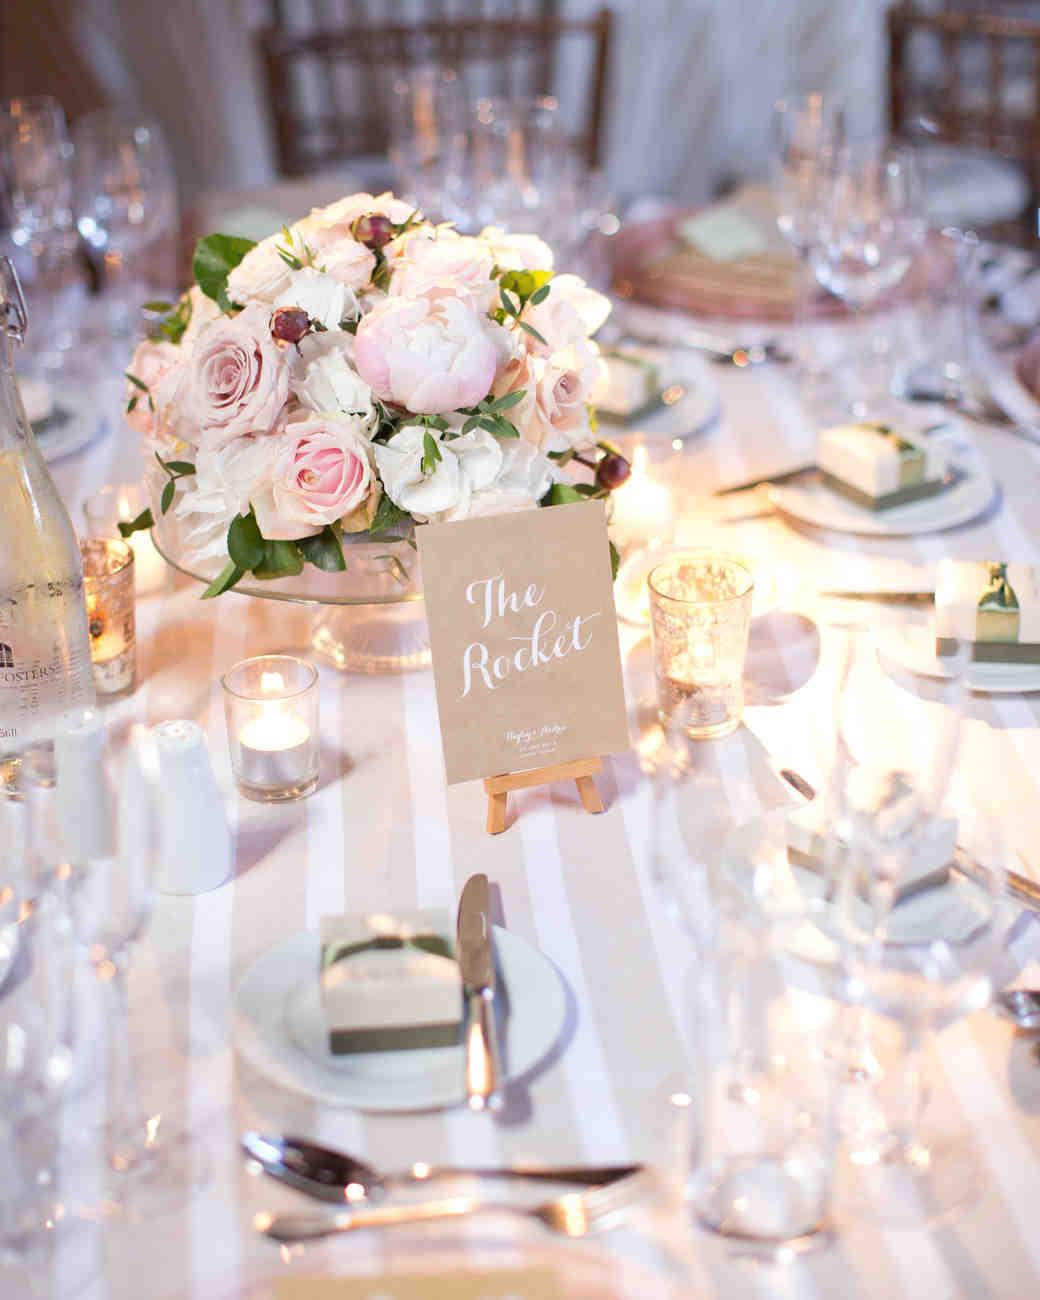 hayley-andrew-wedding-centerpieces-0714.jpg